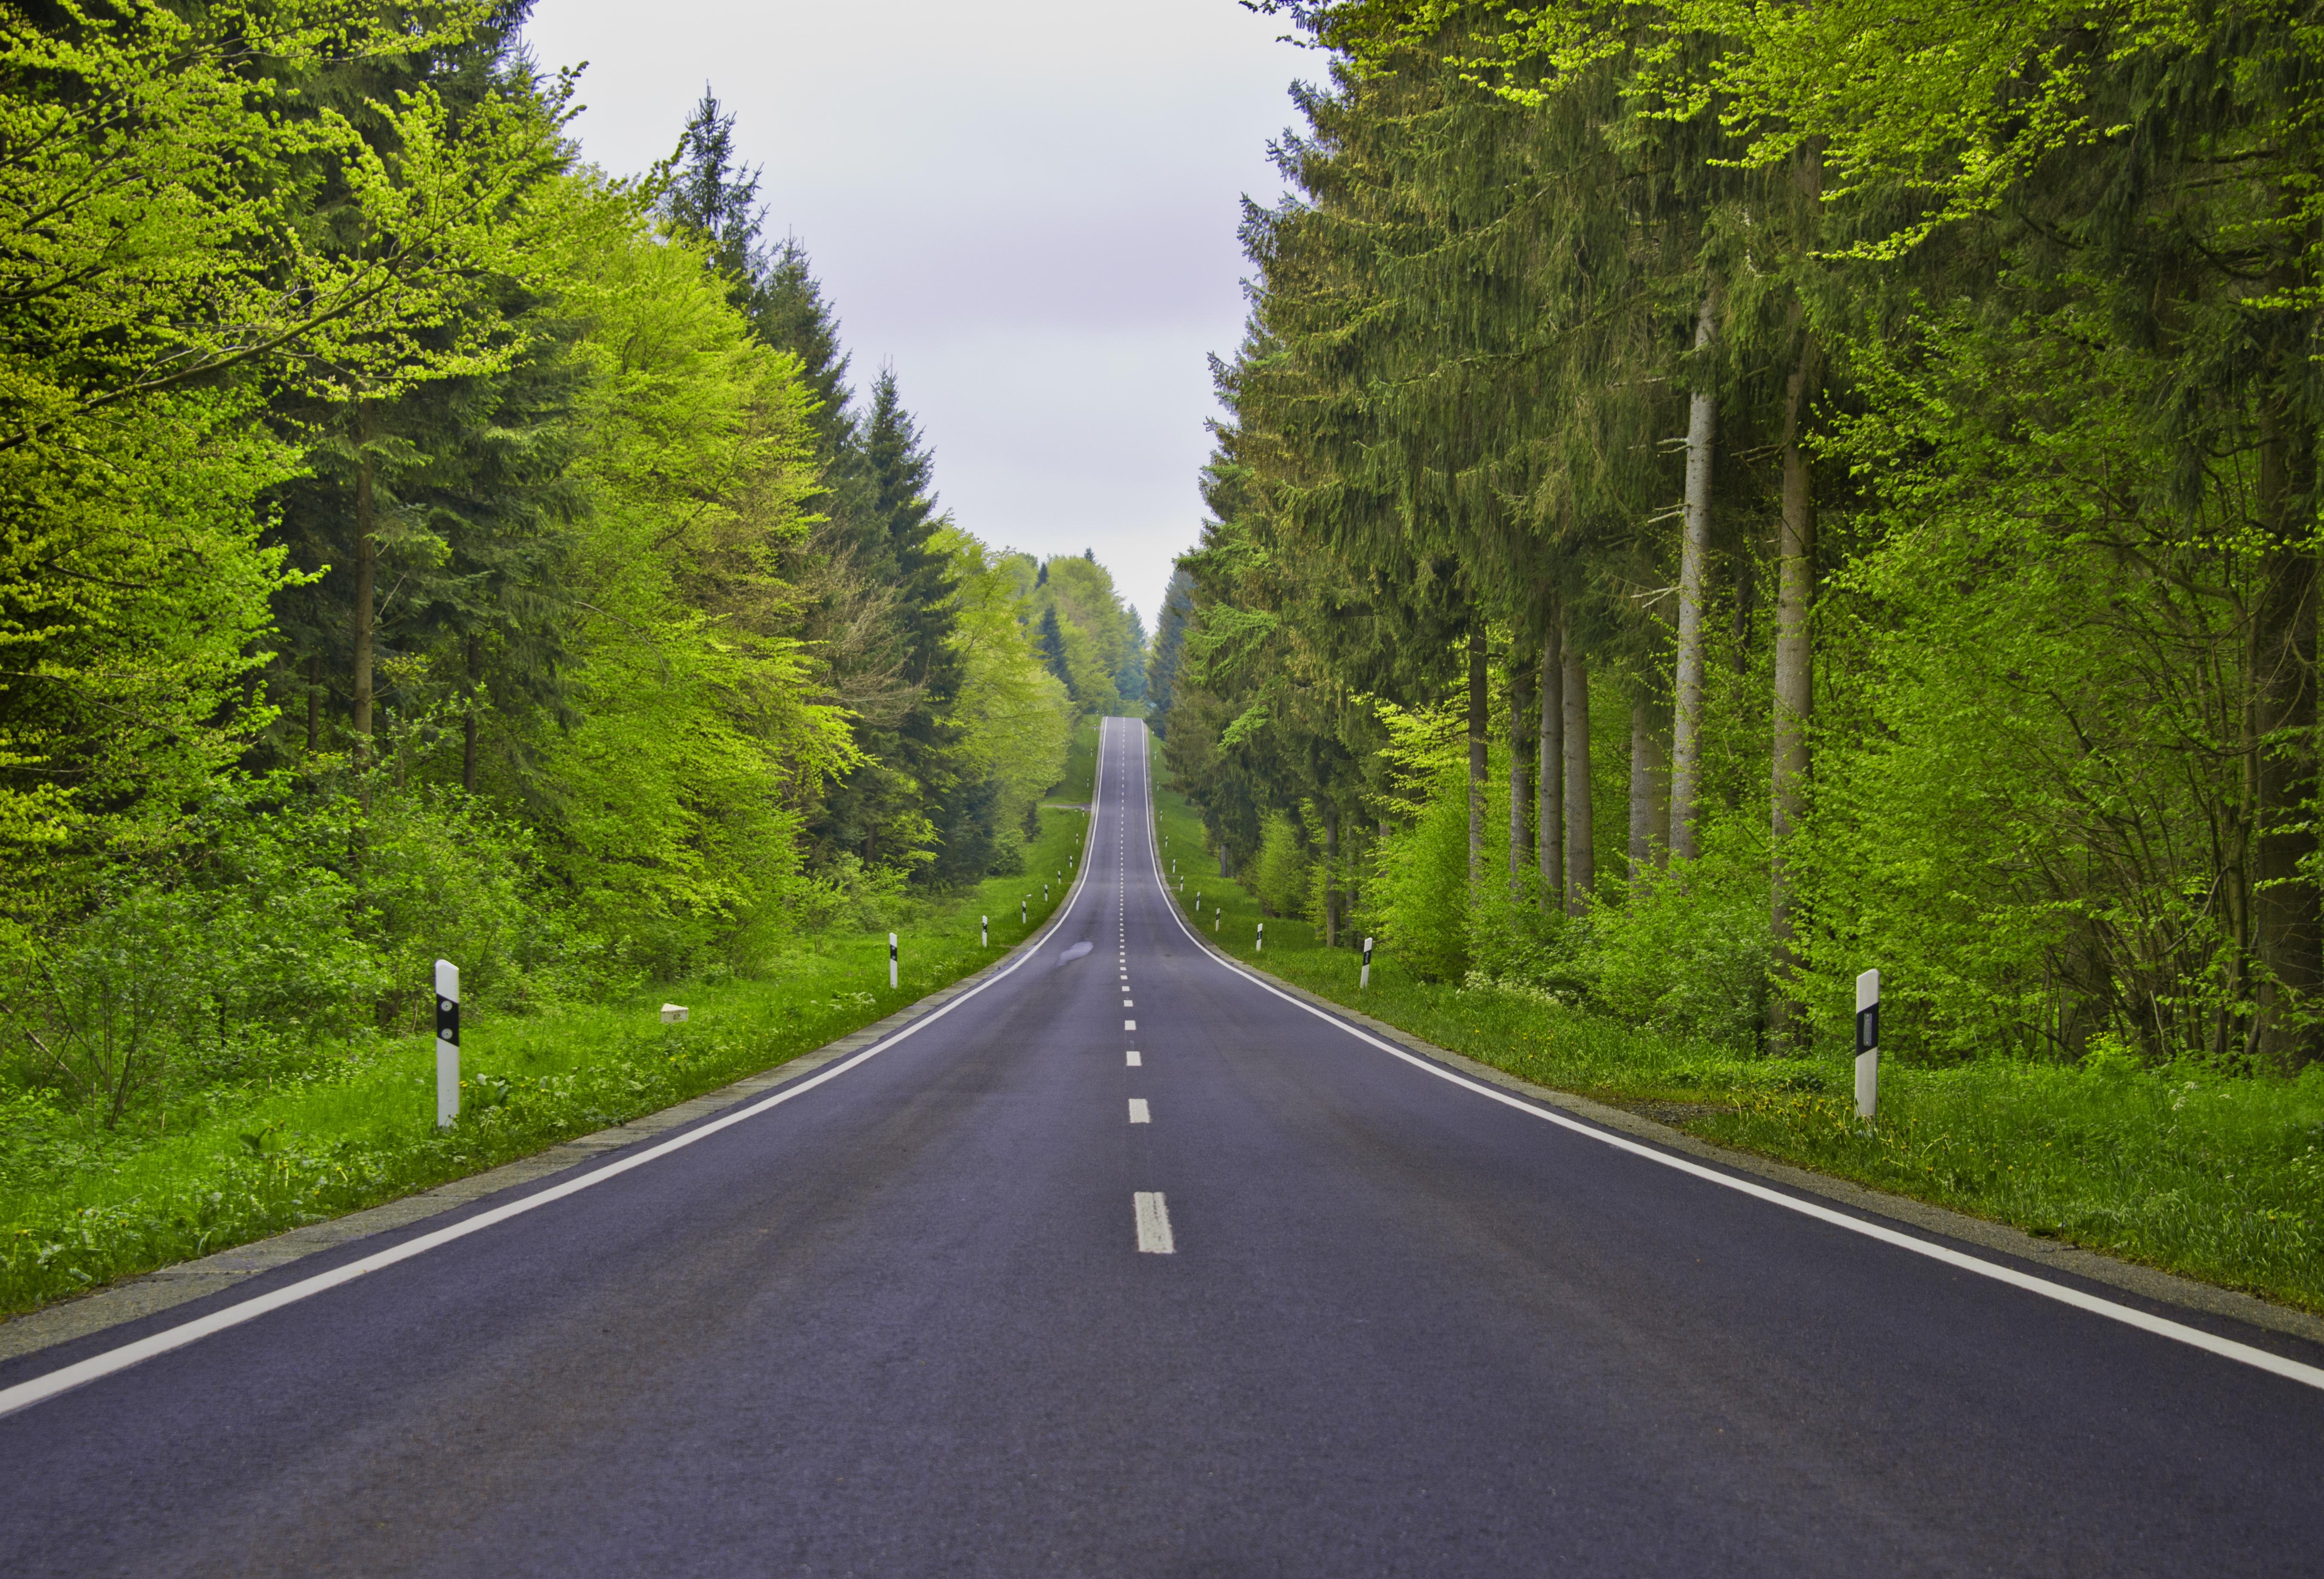 того кто-то фото красивой длинной дороги изготовленные помощью